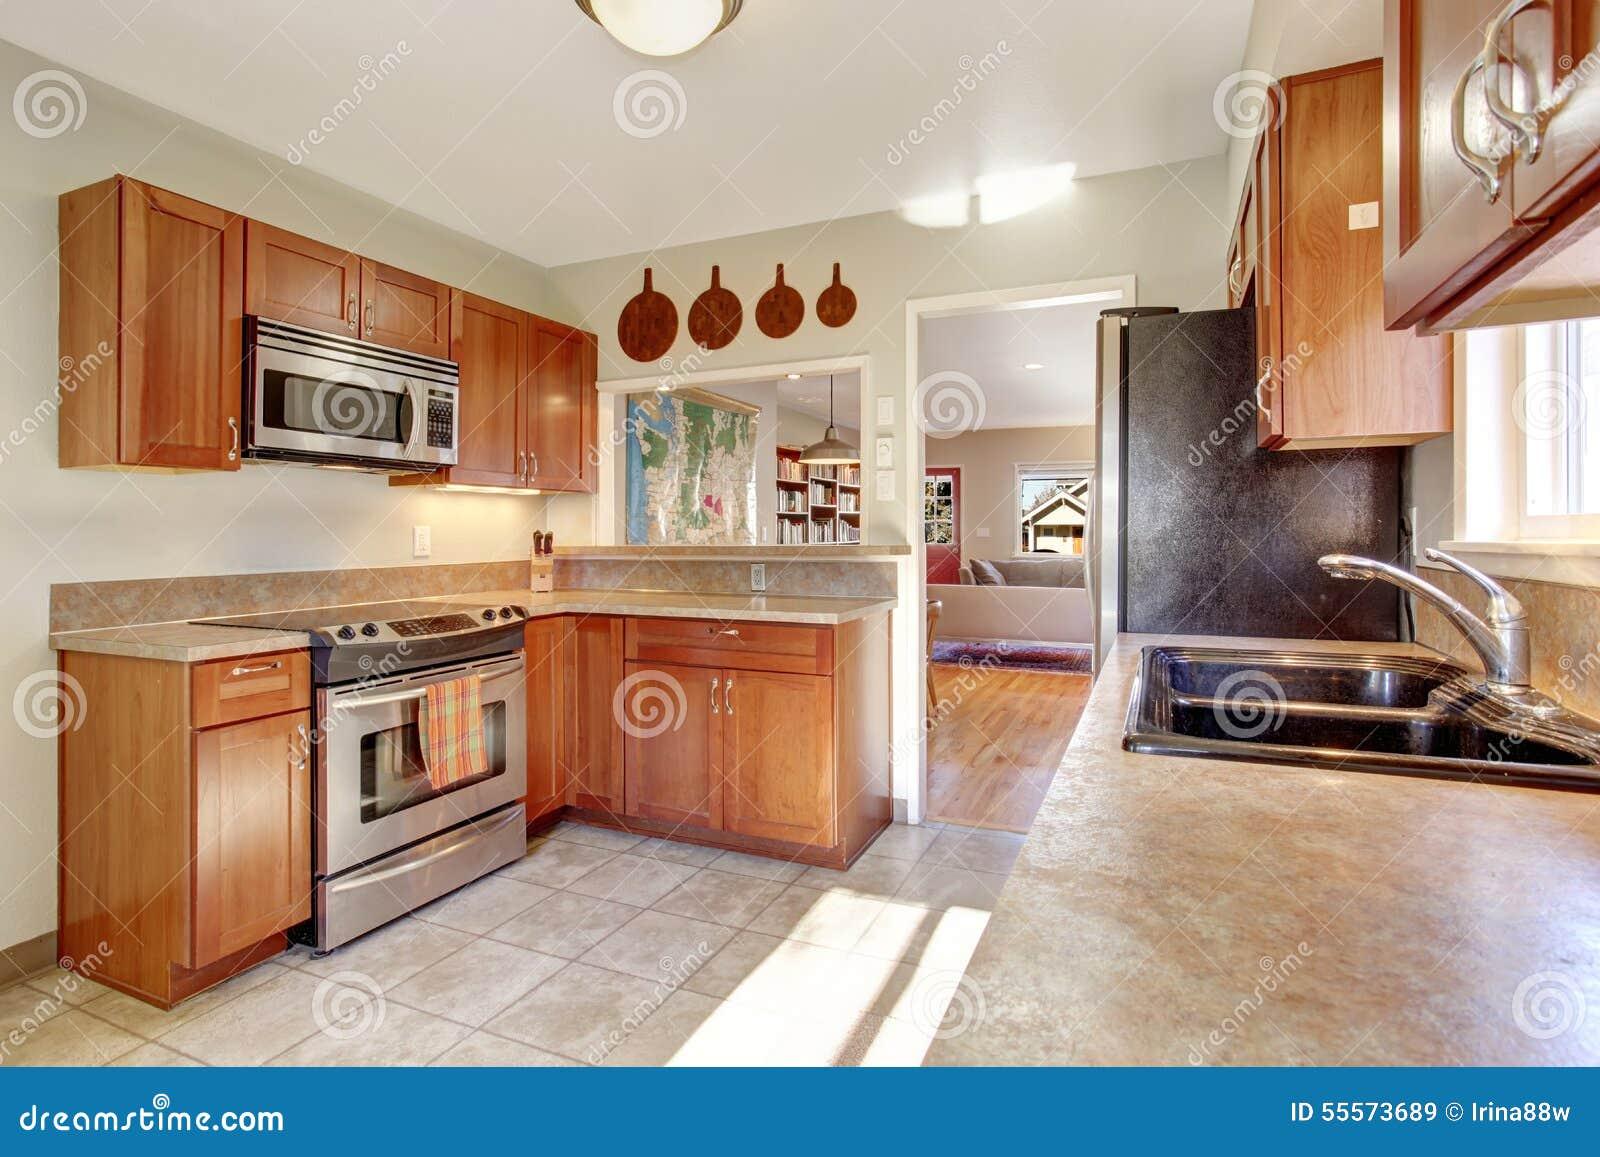 Cocina moderna con el suelo de azulejo foto de archivo imagen 55573689 - Suelos para cocinas modernas ...